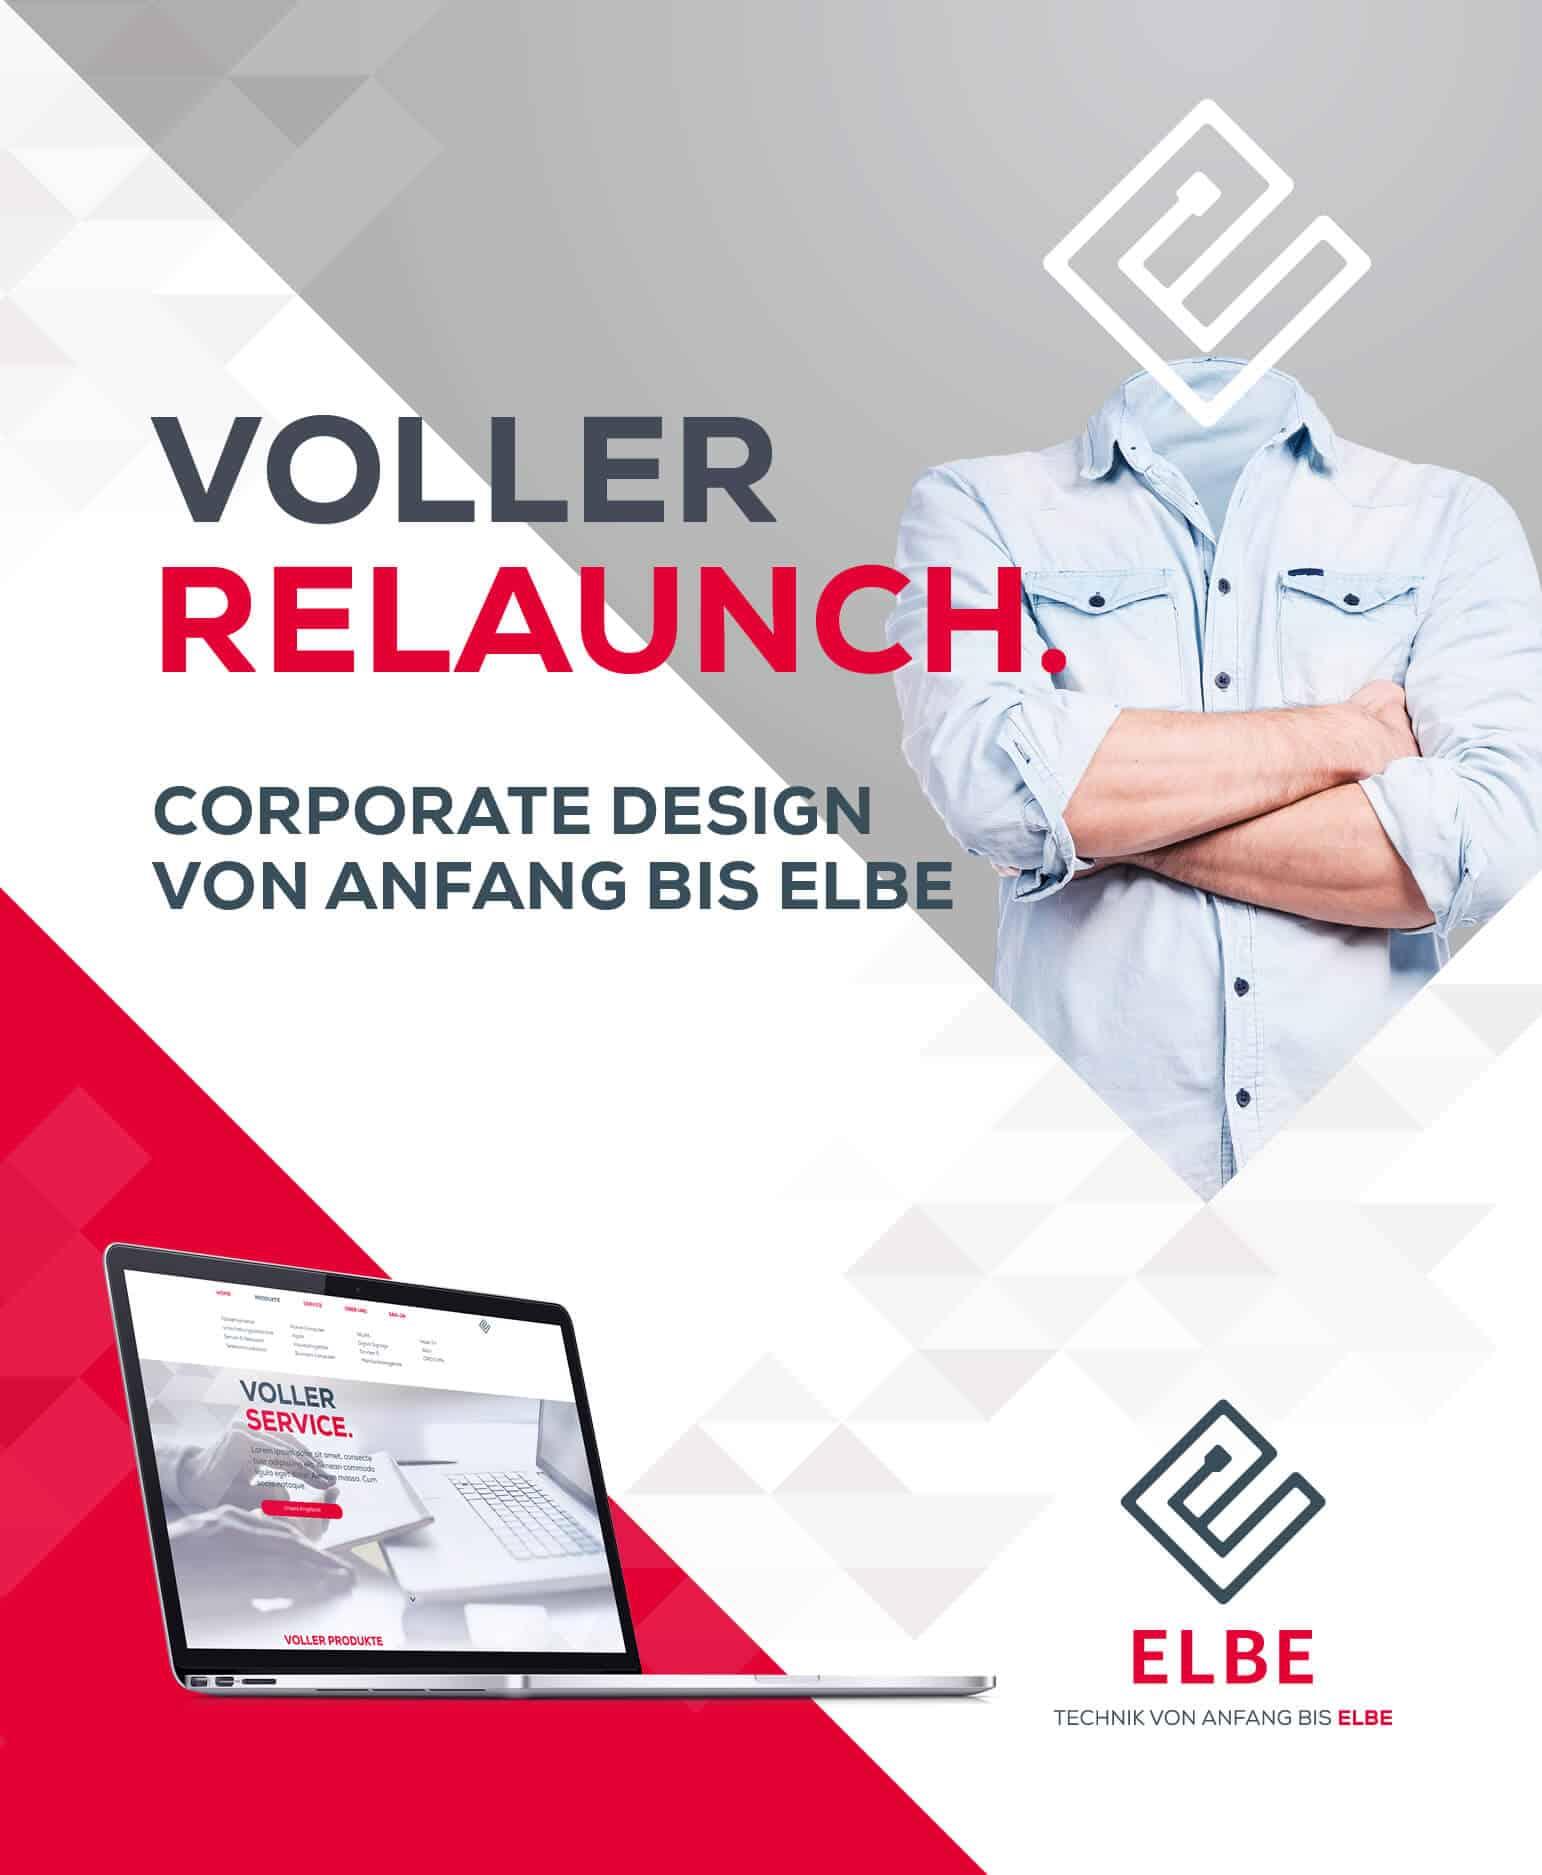 Elbe - Technik von Anfang bis Elbe